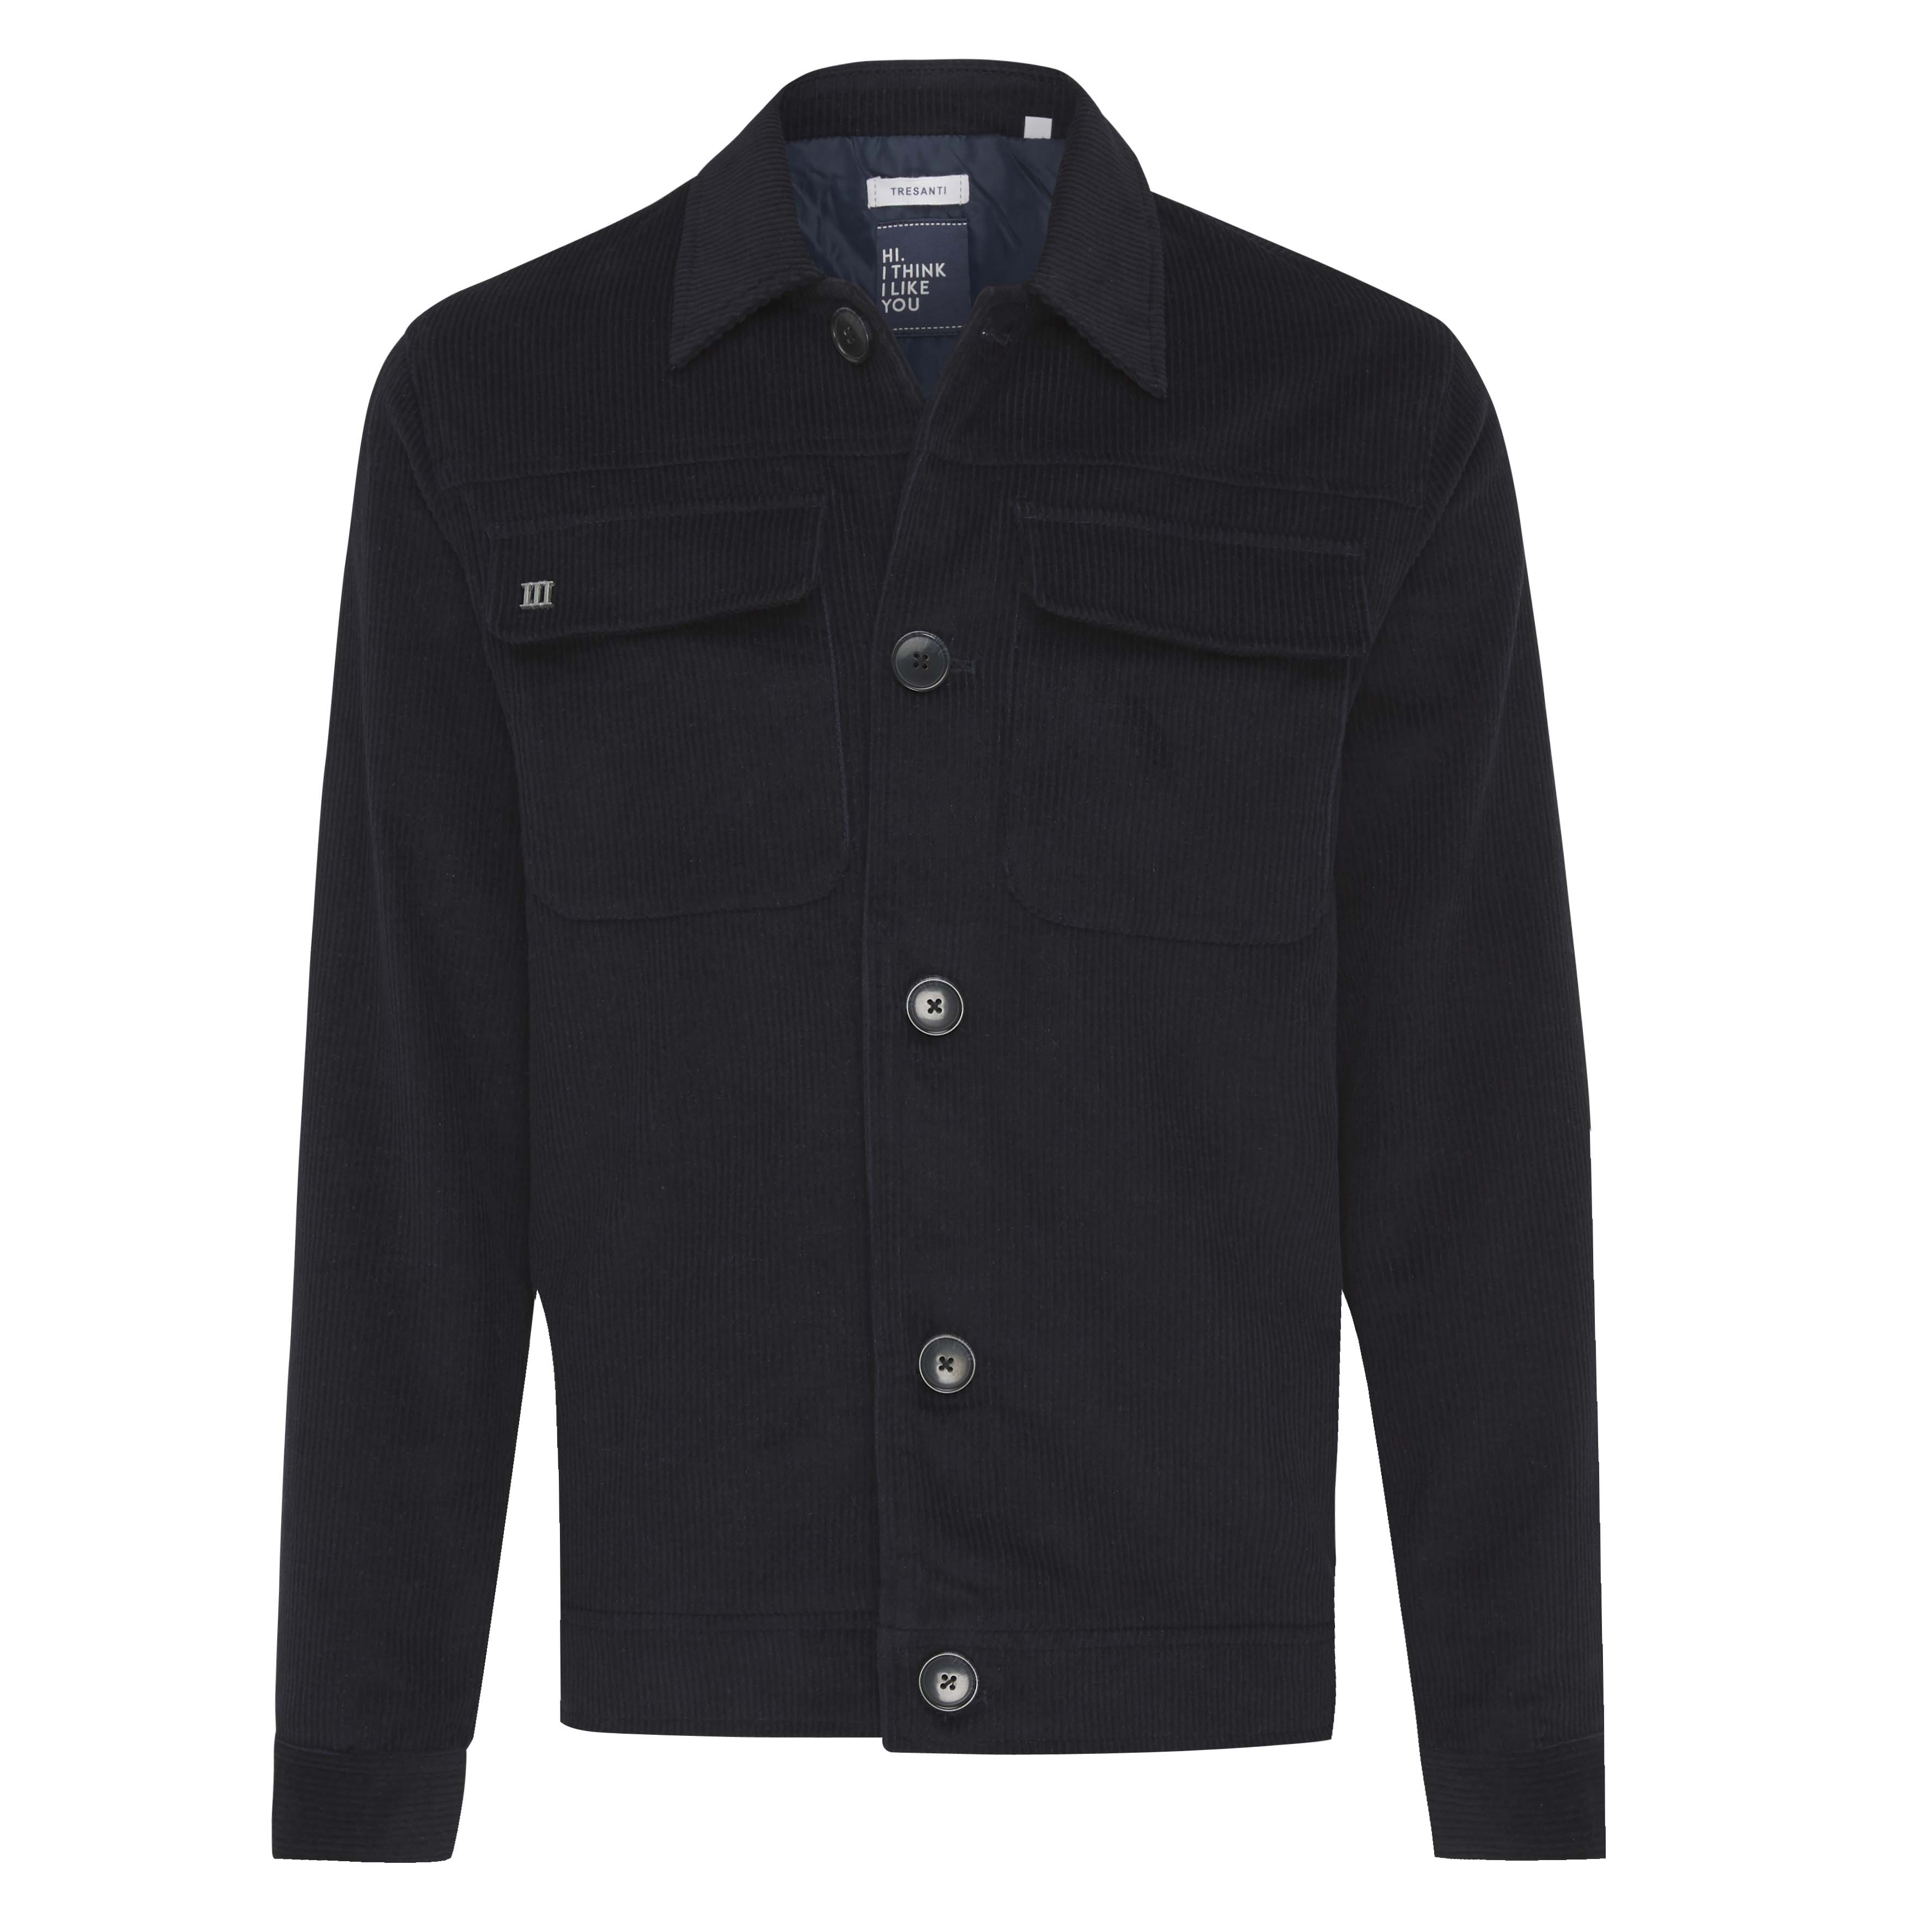 Jeff | Jacket ribcord navy